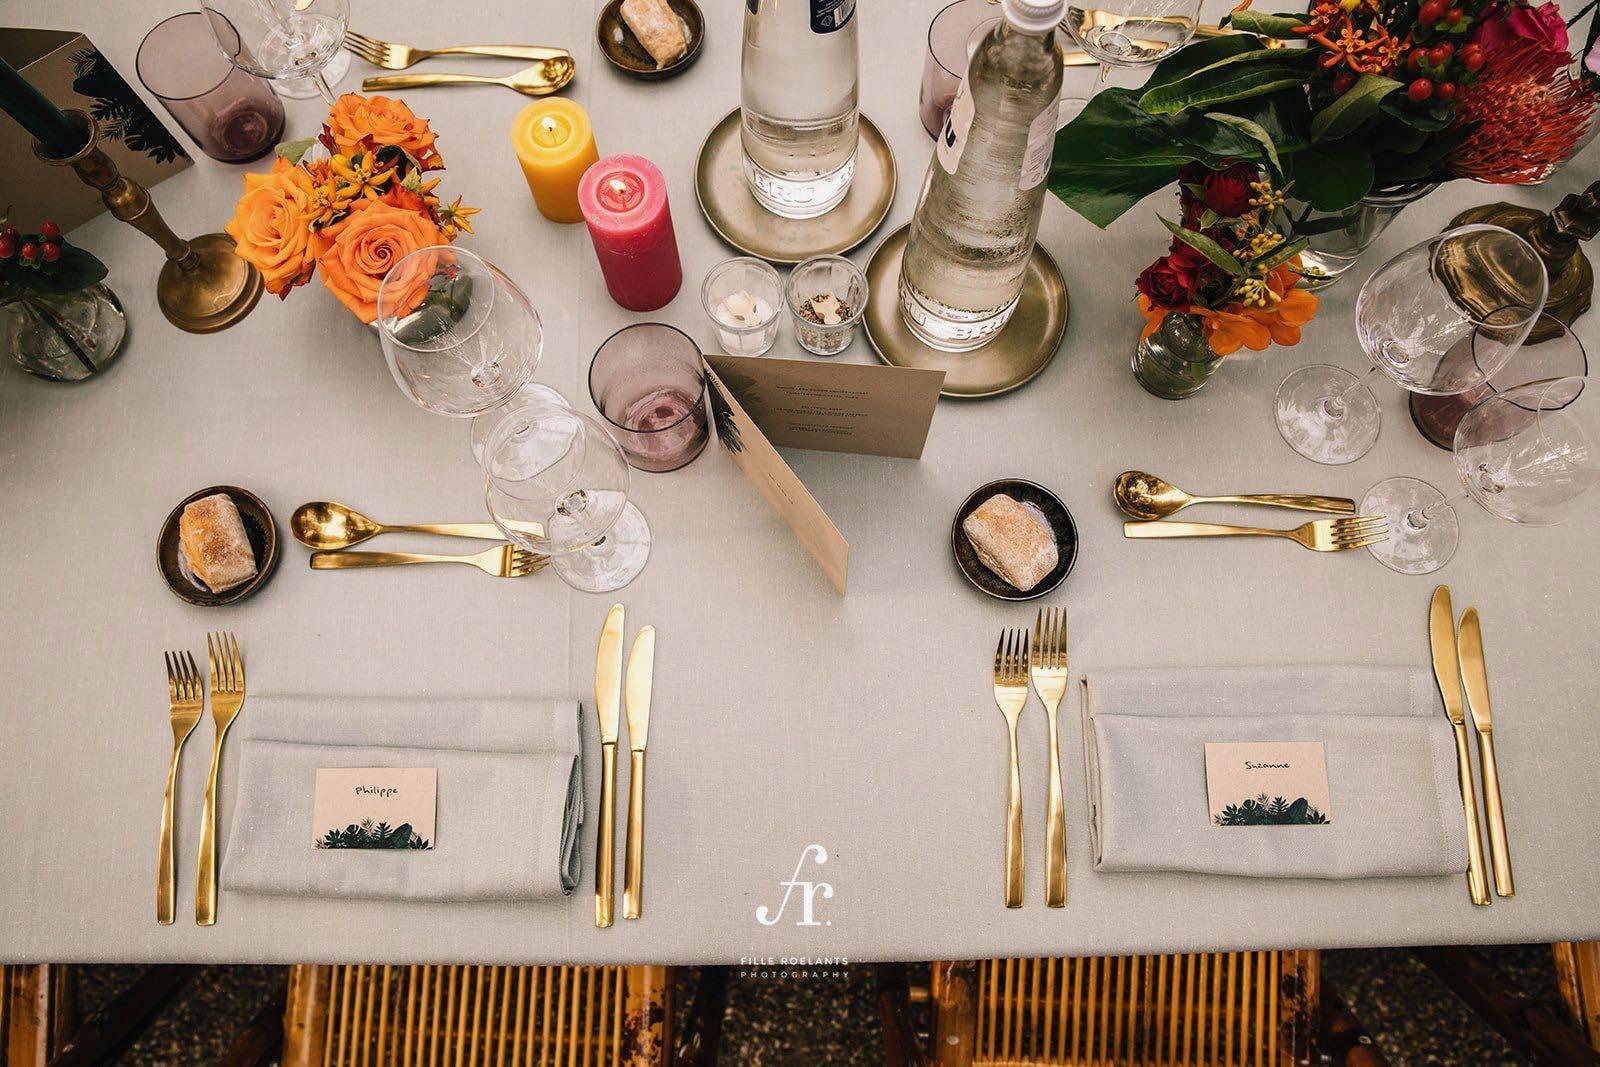 Gastronomie Nicolas - Catering - Traiteur - Trouw - Huwelijk - Bruiloft - House of Events - 3